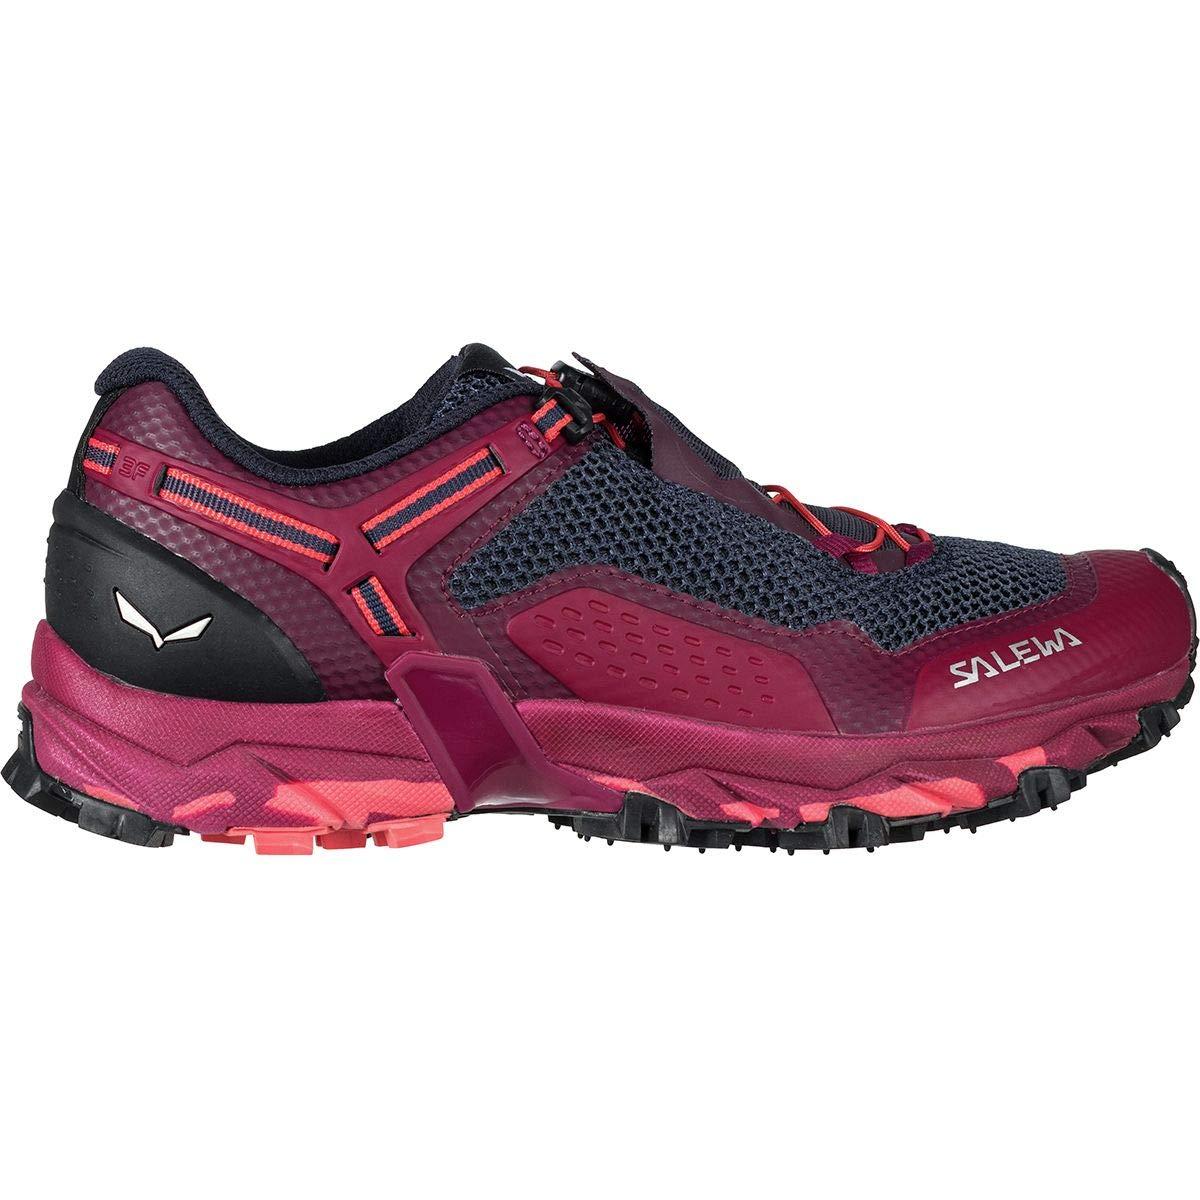 ずっと気になってた [サレワ] レディース Shoe ランニング Train Ultra Train 2 [並行輸入品] Trail Running Shoe [並行輸入品] B07P2VM4BZ 8, MIKIHOUSE MUM&BABY:37950e96 --- officeporto.com